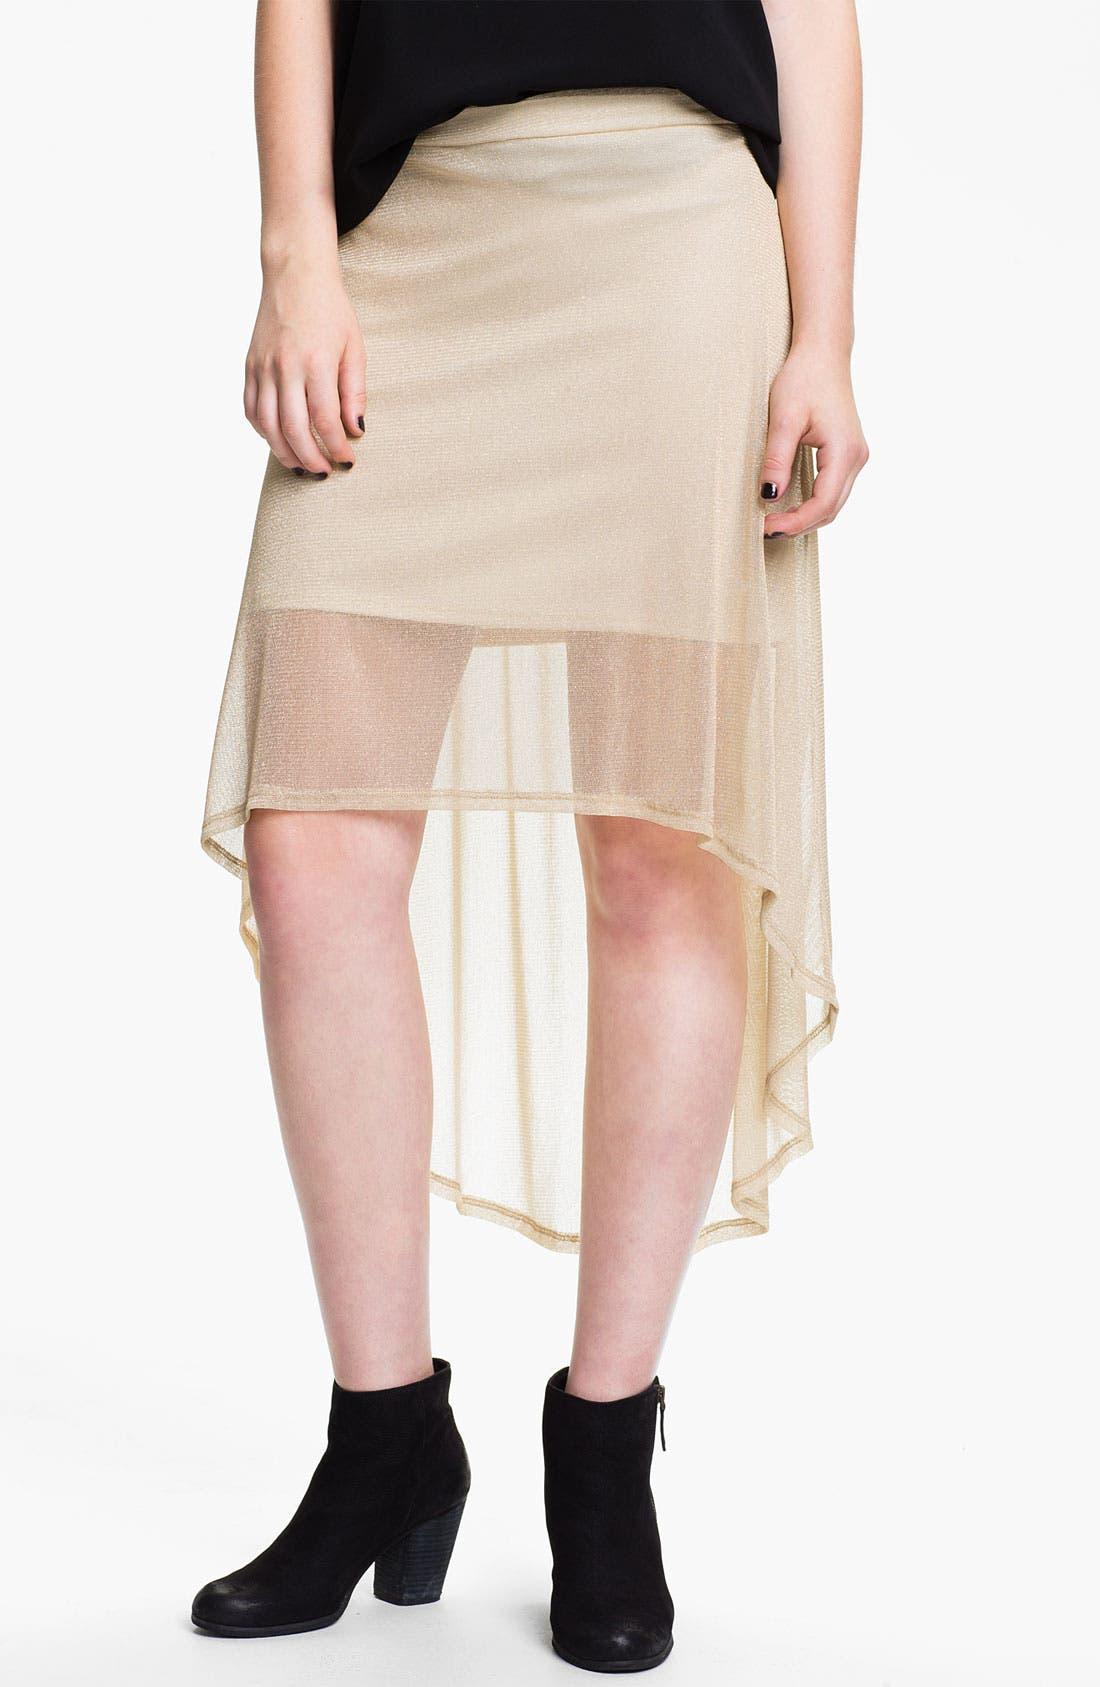 Alternate Image 1 Selected - h.i.p. Metallic Half-Sheer High/Low Skirt (Juniors)